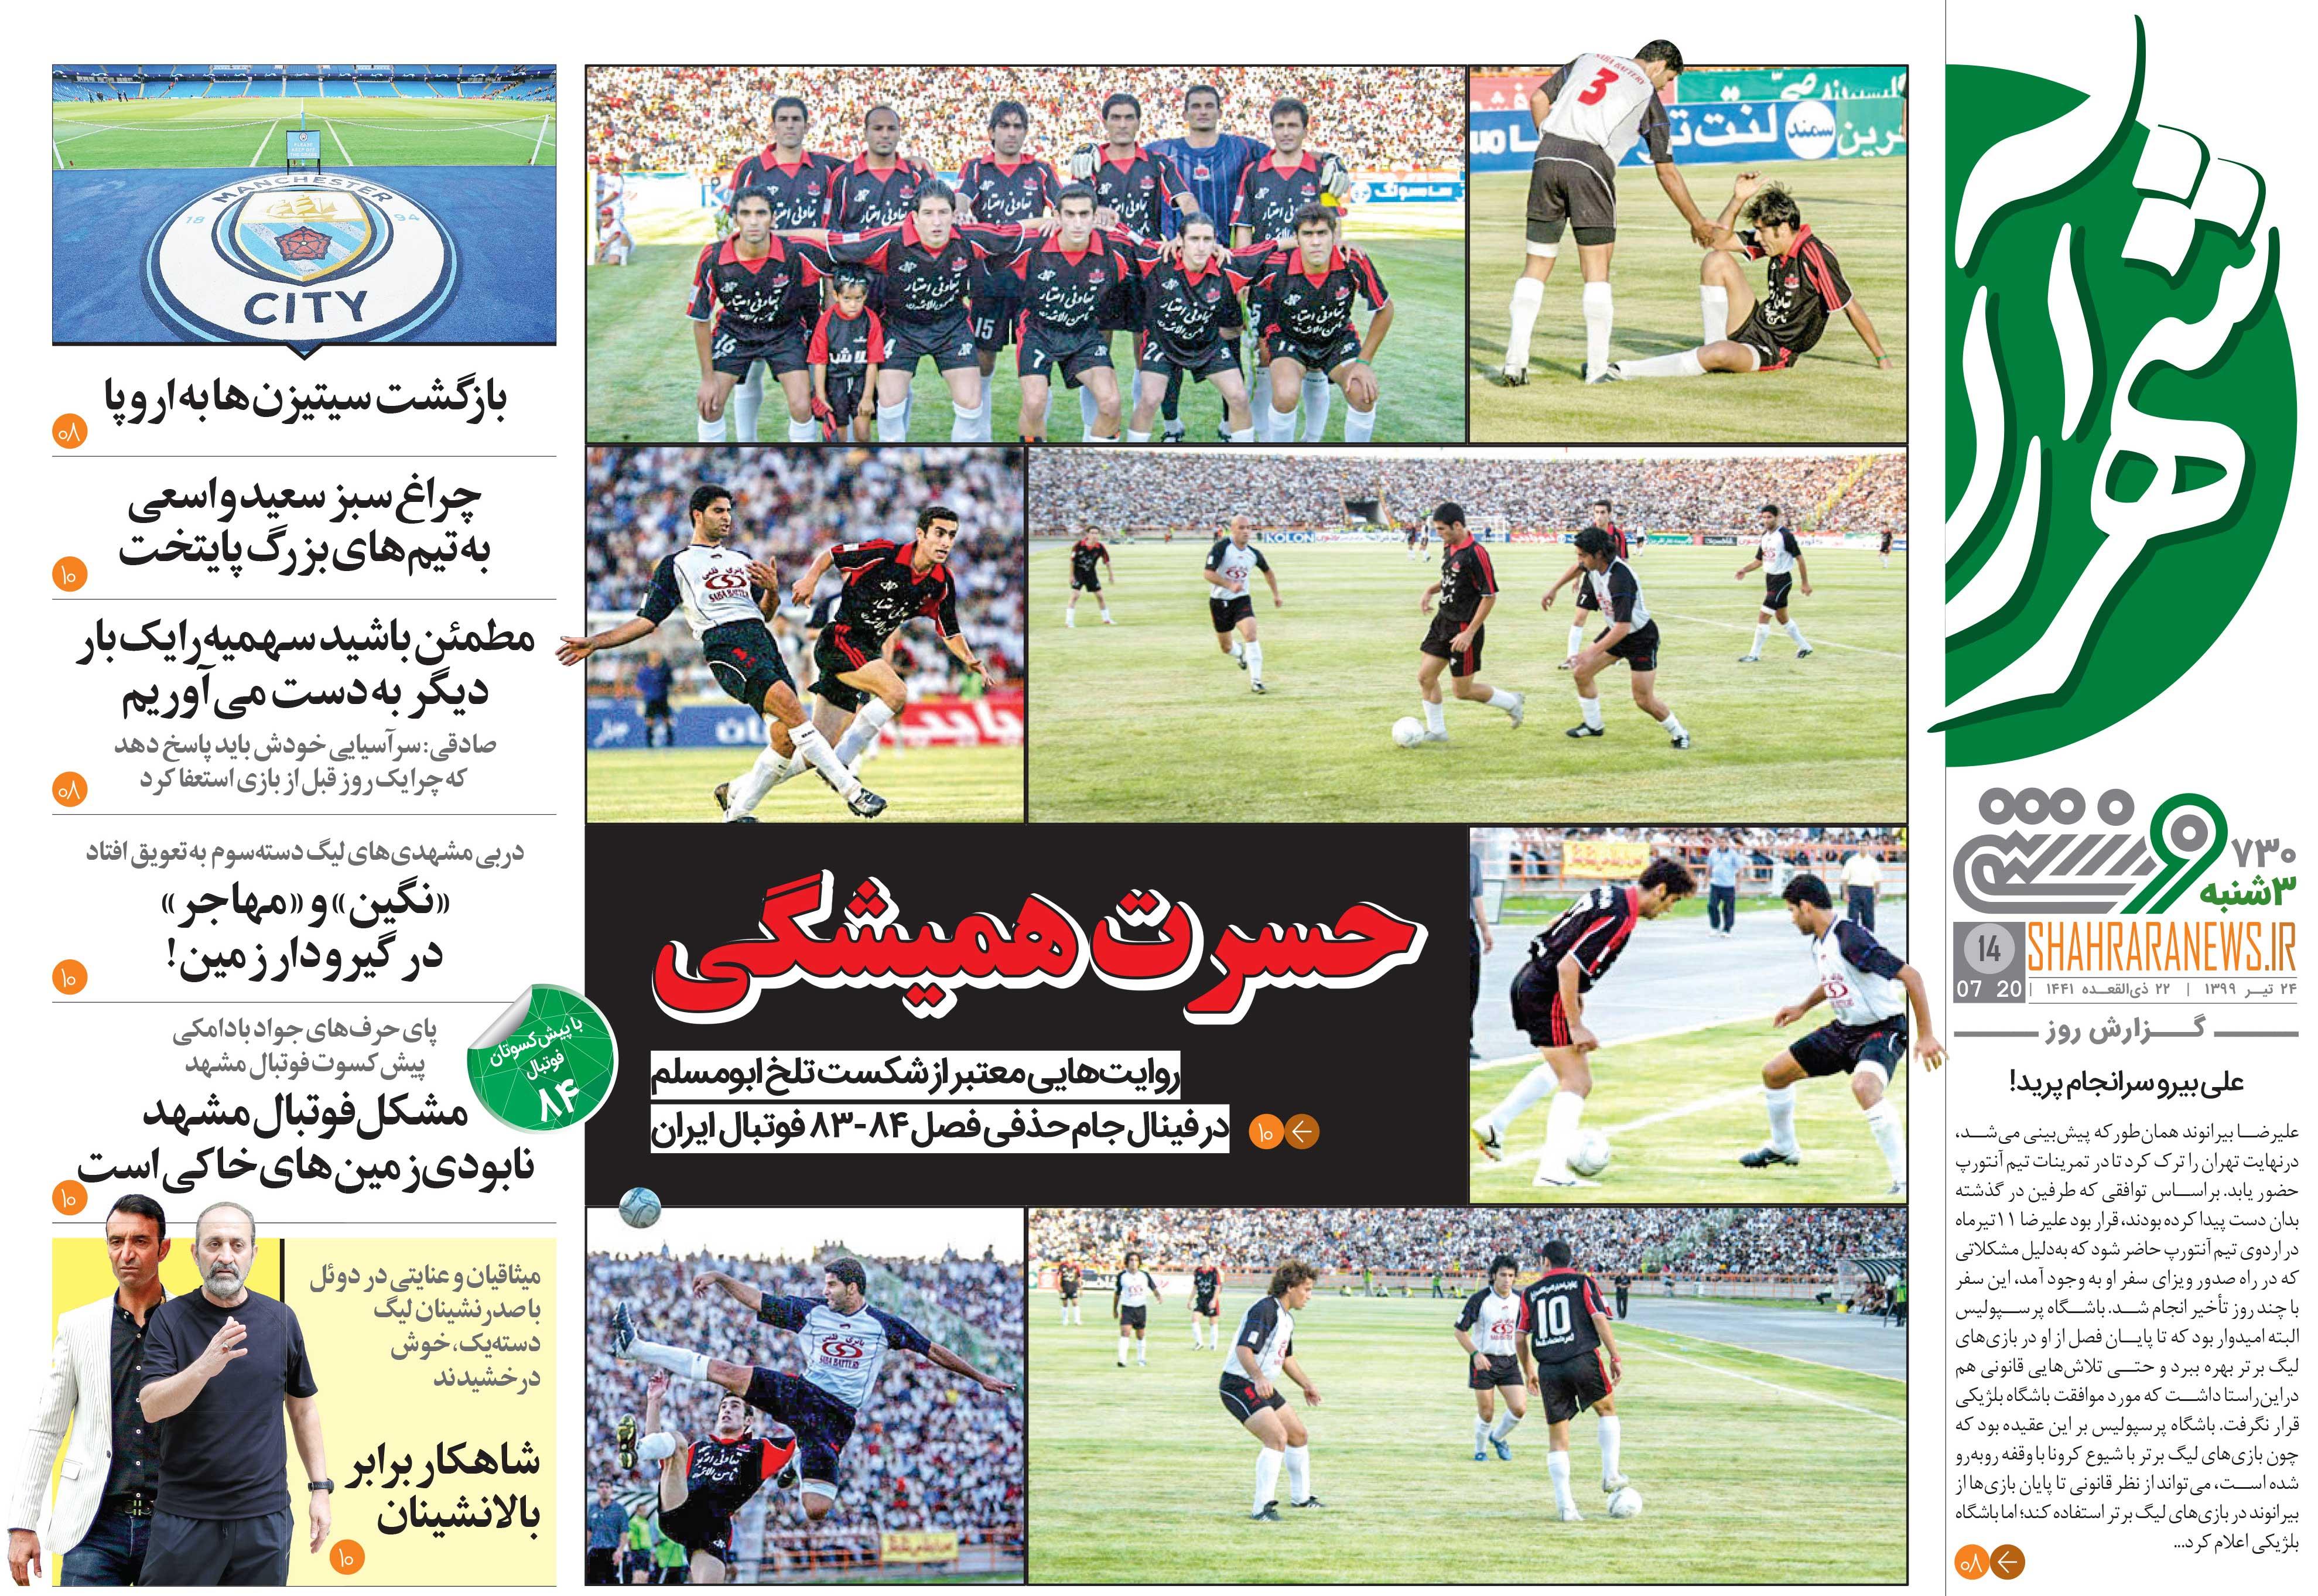 جلد ورزشی روزنامه شهرآرا سهشنبه ۲۴ تیر ۹۹